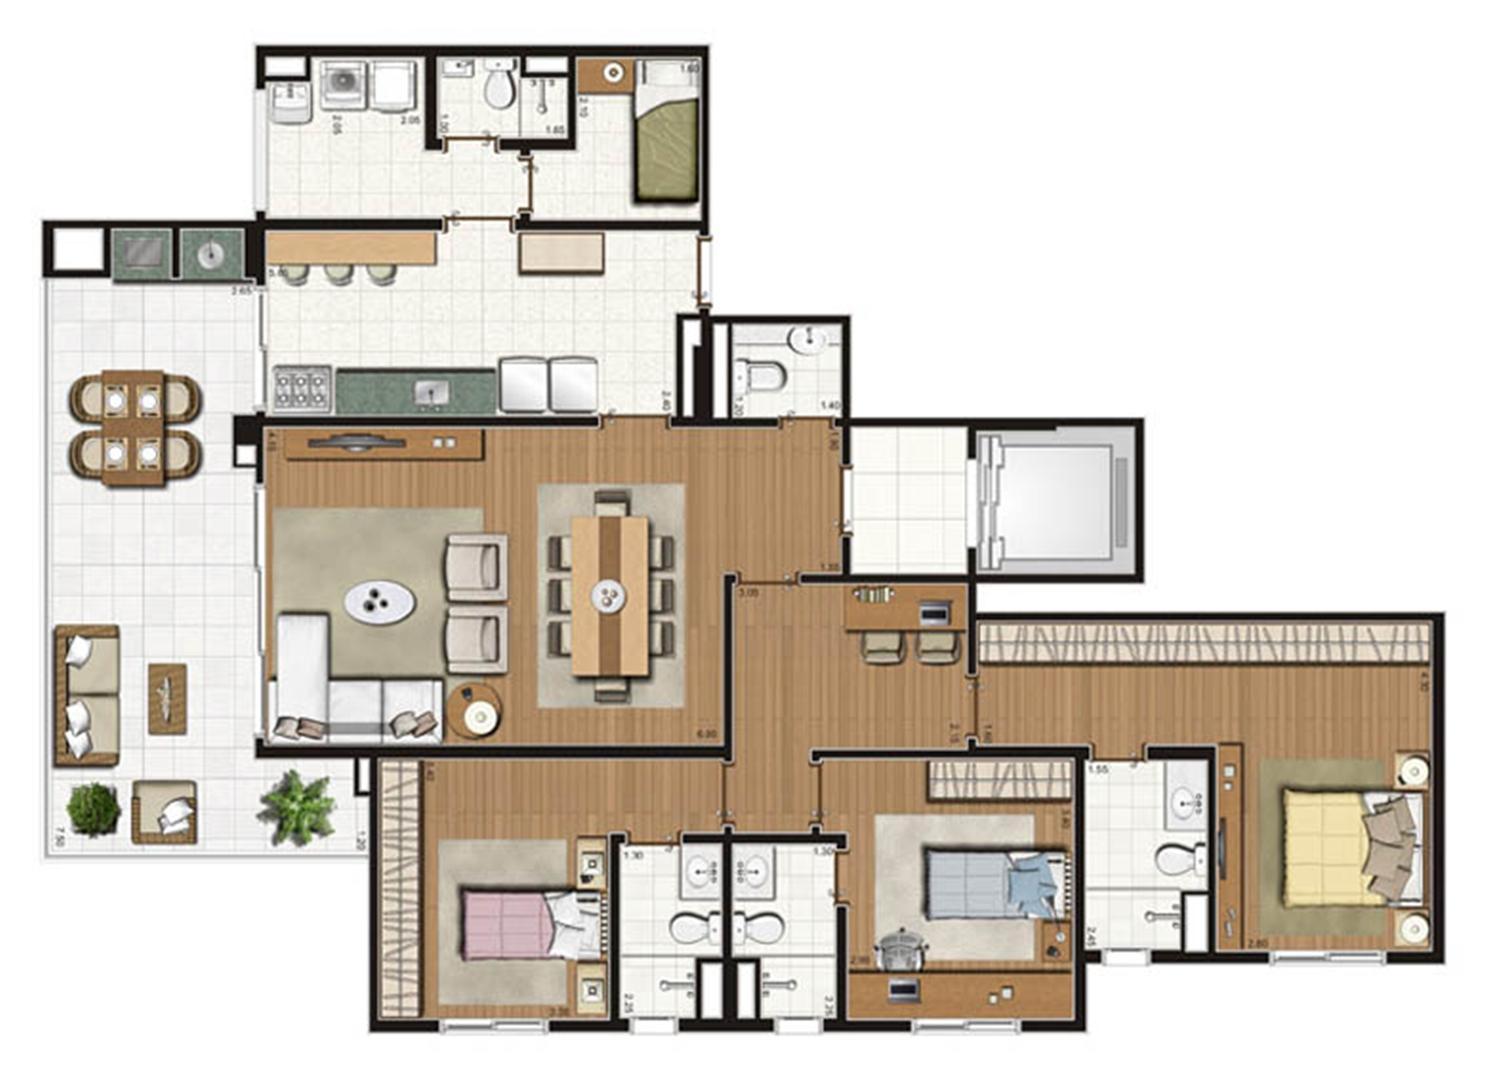 Planta-tipo apartamento de 155 m² privativos 3 suítes | Luzes da Mooca - Villaggio Luna – Apartamento na  Mooca - São Paulo - São Paulo